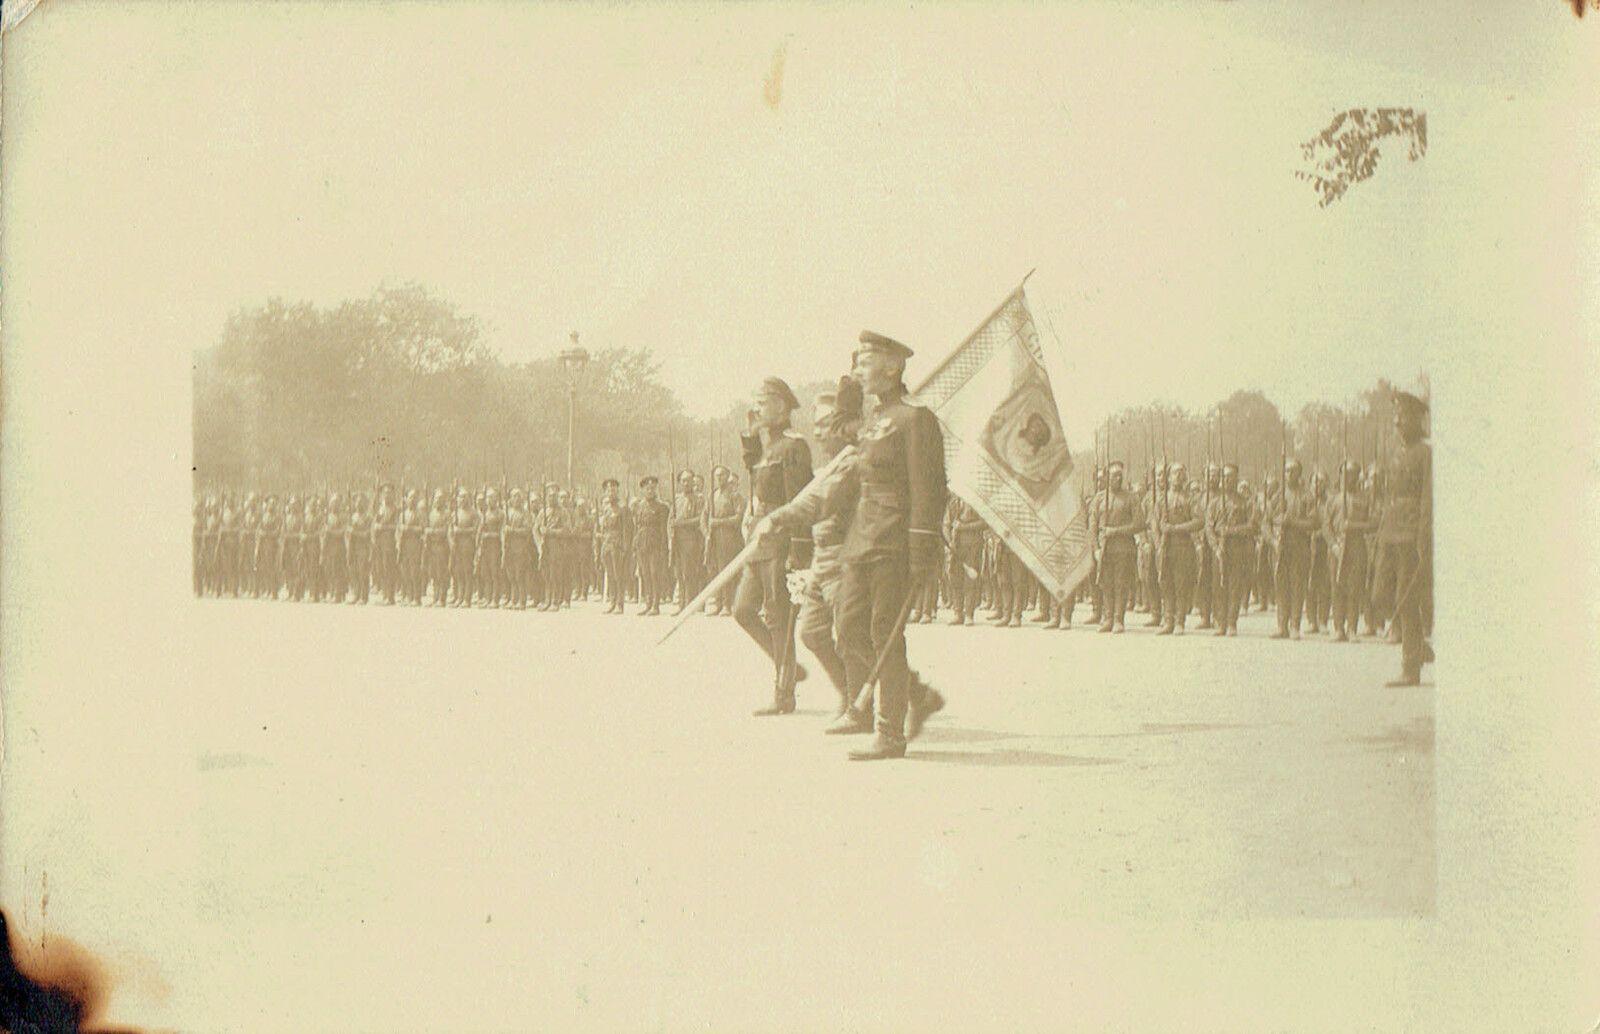 3Fi050-030, Passage des troupes russes à Brest : défilé avec l'étendard blanc de la sainte Russie. « Prise d'armes du 3e régiment, le drapeau est escorté par les aides de camp régimentaires qui saluent jusqu'à ce que l'emblème arrive à son emplacement. »